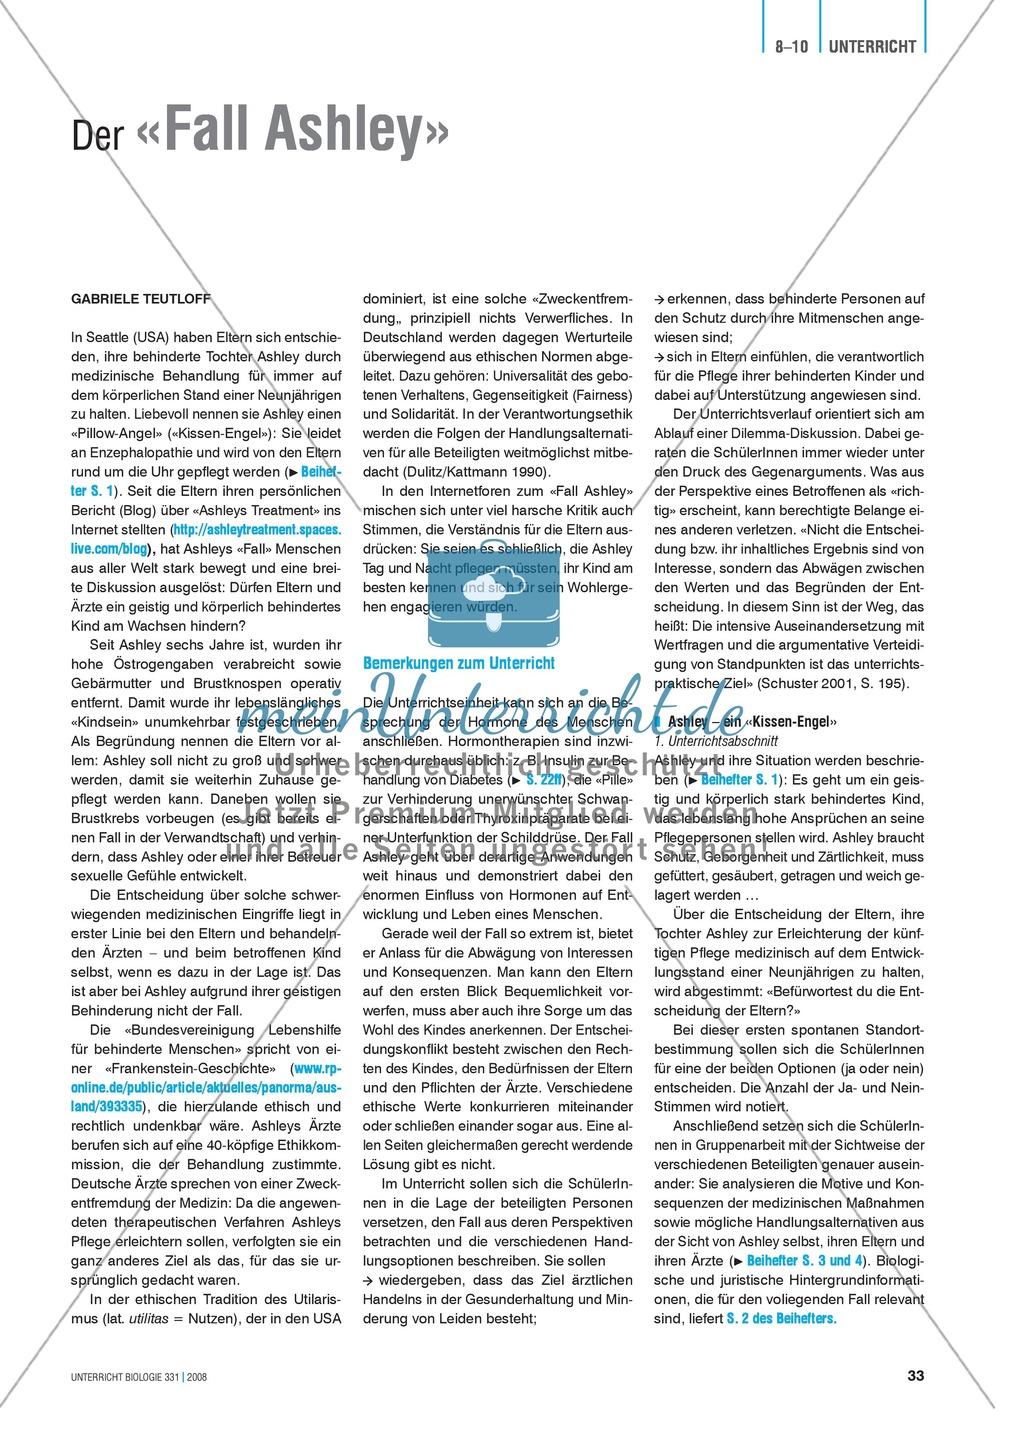 Signalstoffe: Der Fall Ashley - Merkmale und Behandlungsmöglichkeiten von Hormonstörungen Preview 4